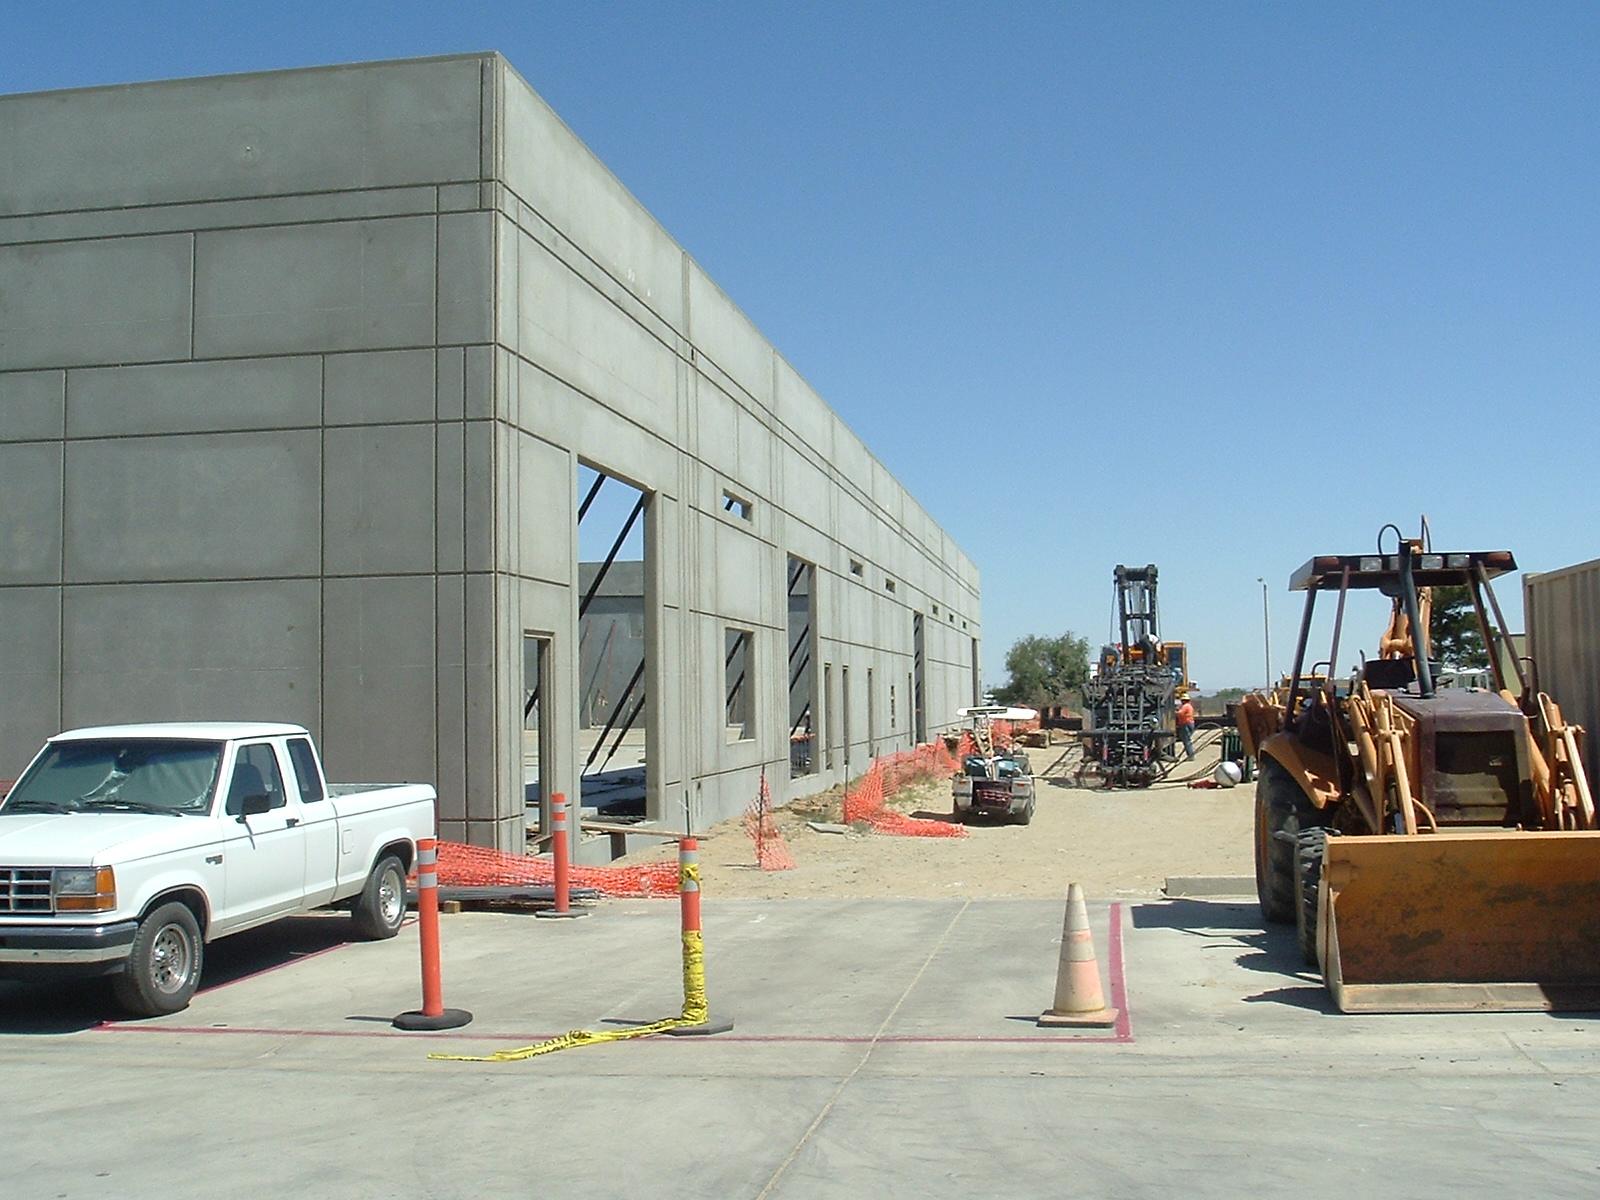 Industrial Concrete - DSCF2044